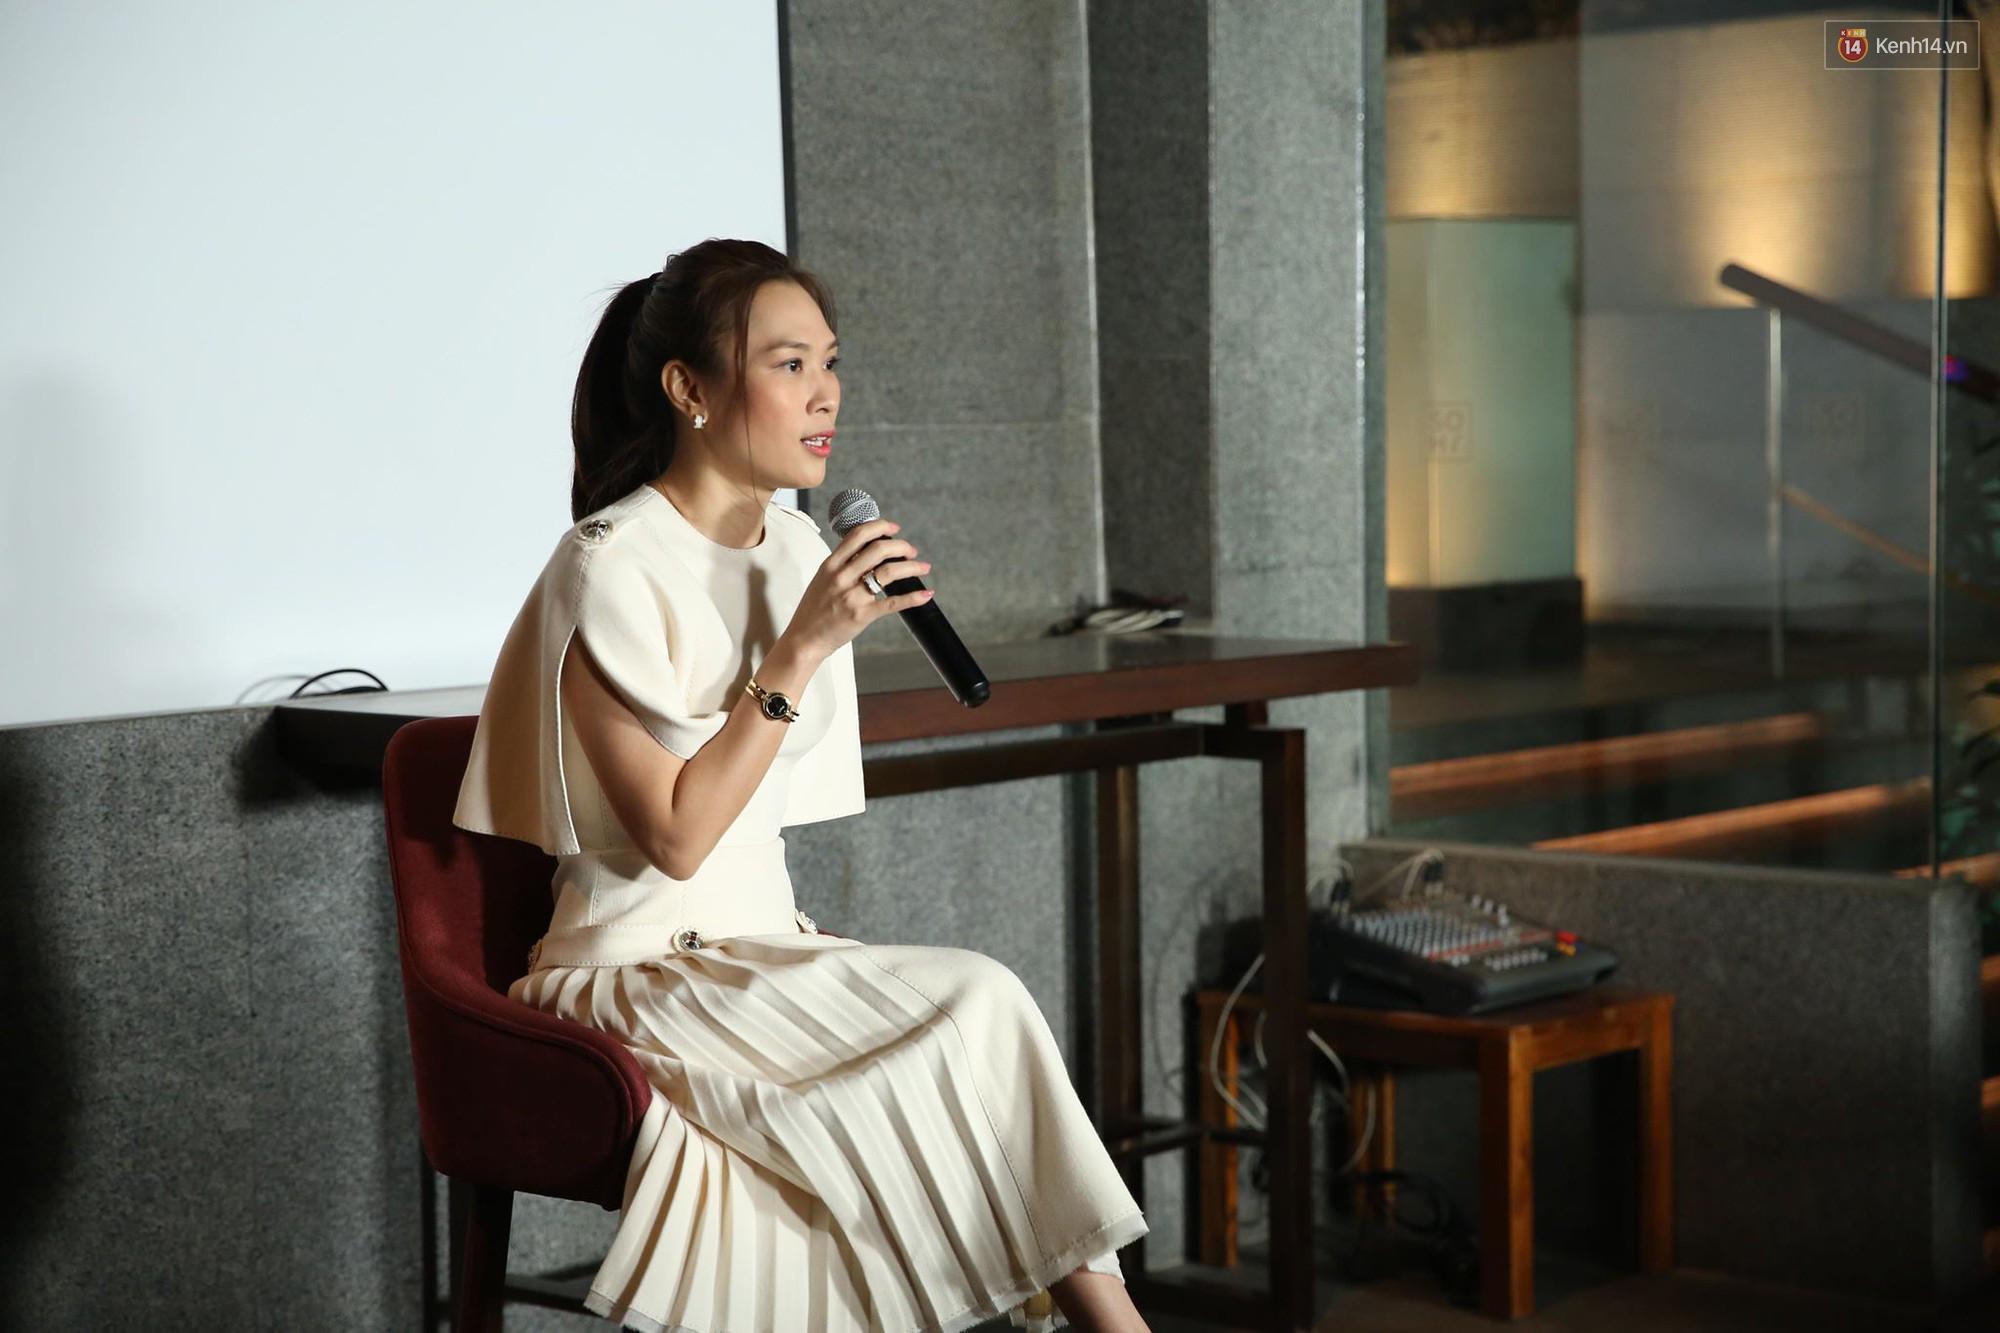 Mỹ Tâm chính thức thừa nhận mình là đạo diễn - biên kịch Mira Dương của phim đầu tay Chị Trợ Lý Của Anh - Ảnh 2.